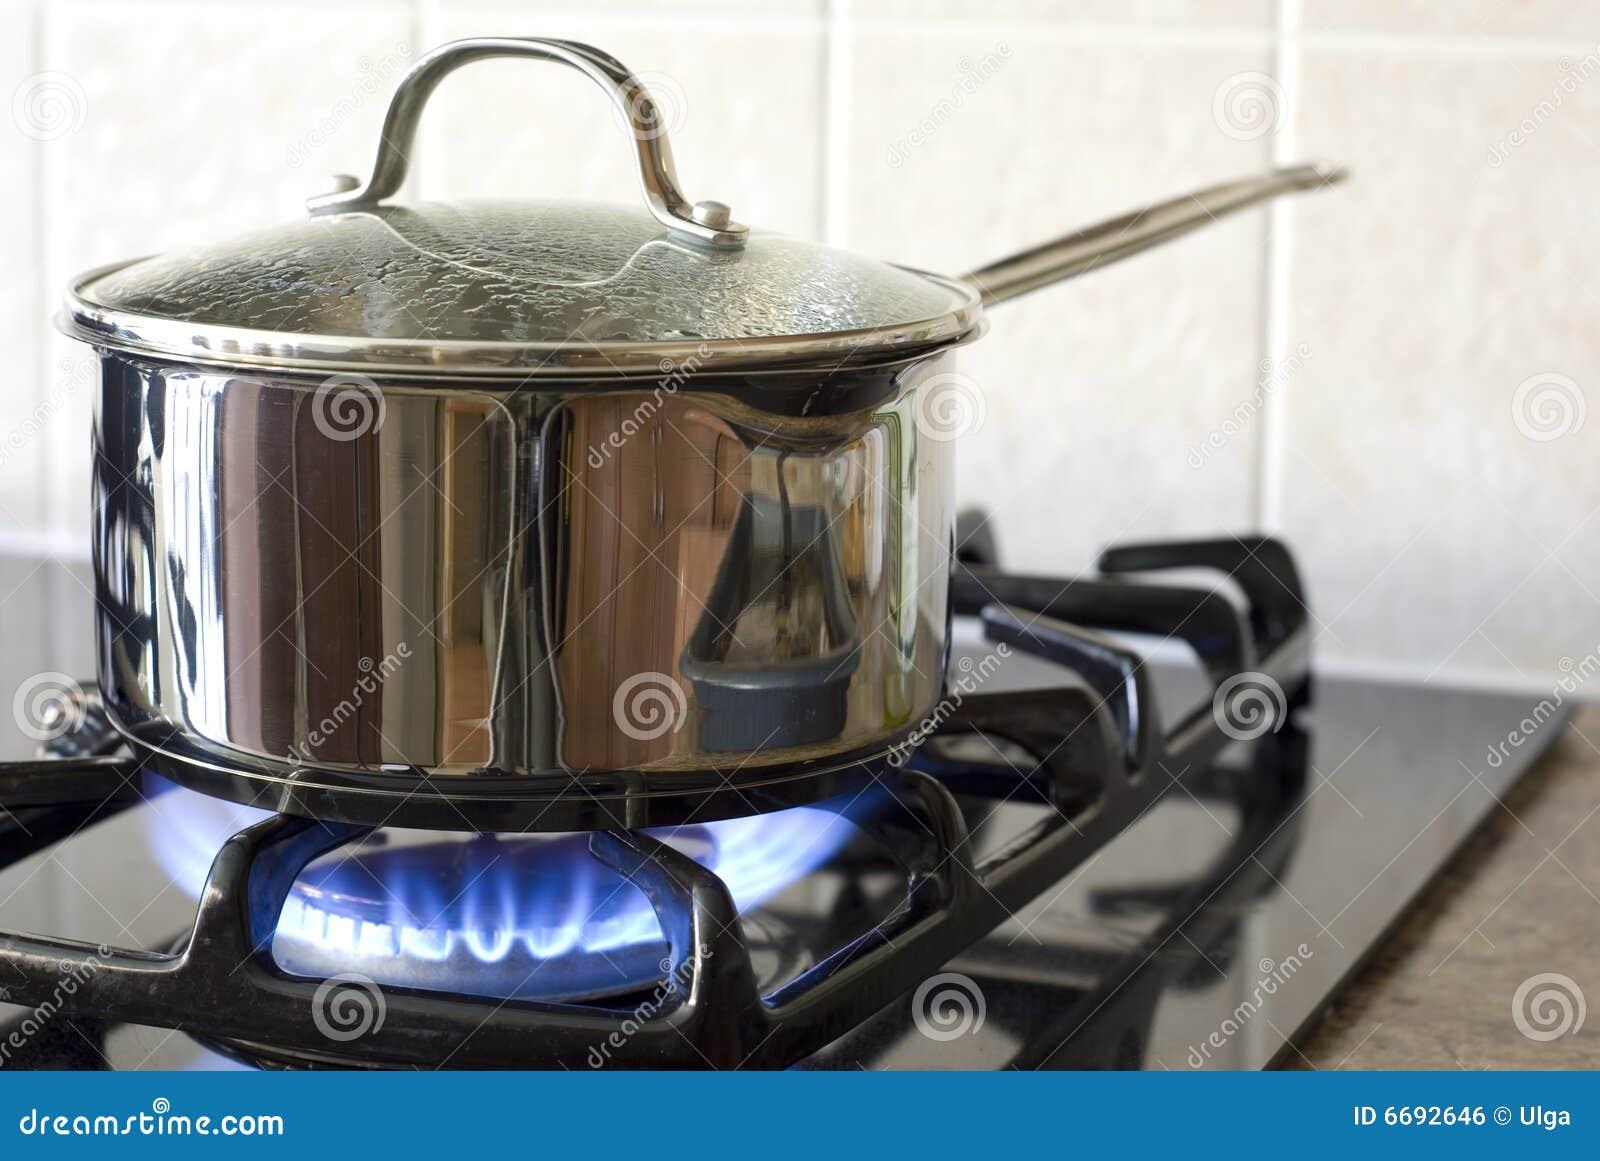 El cocinar en una estufa de gas - Estufas pequenas de gas ...